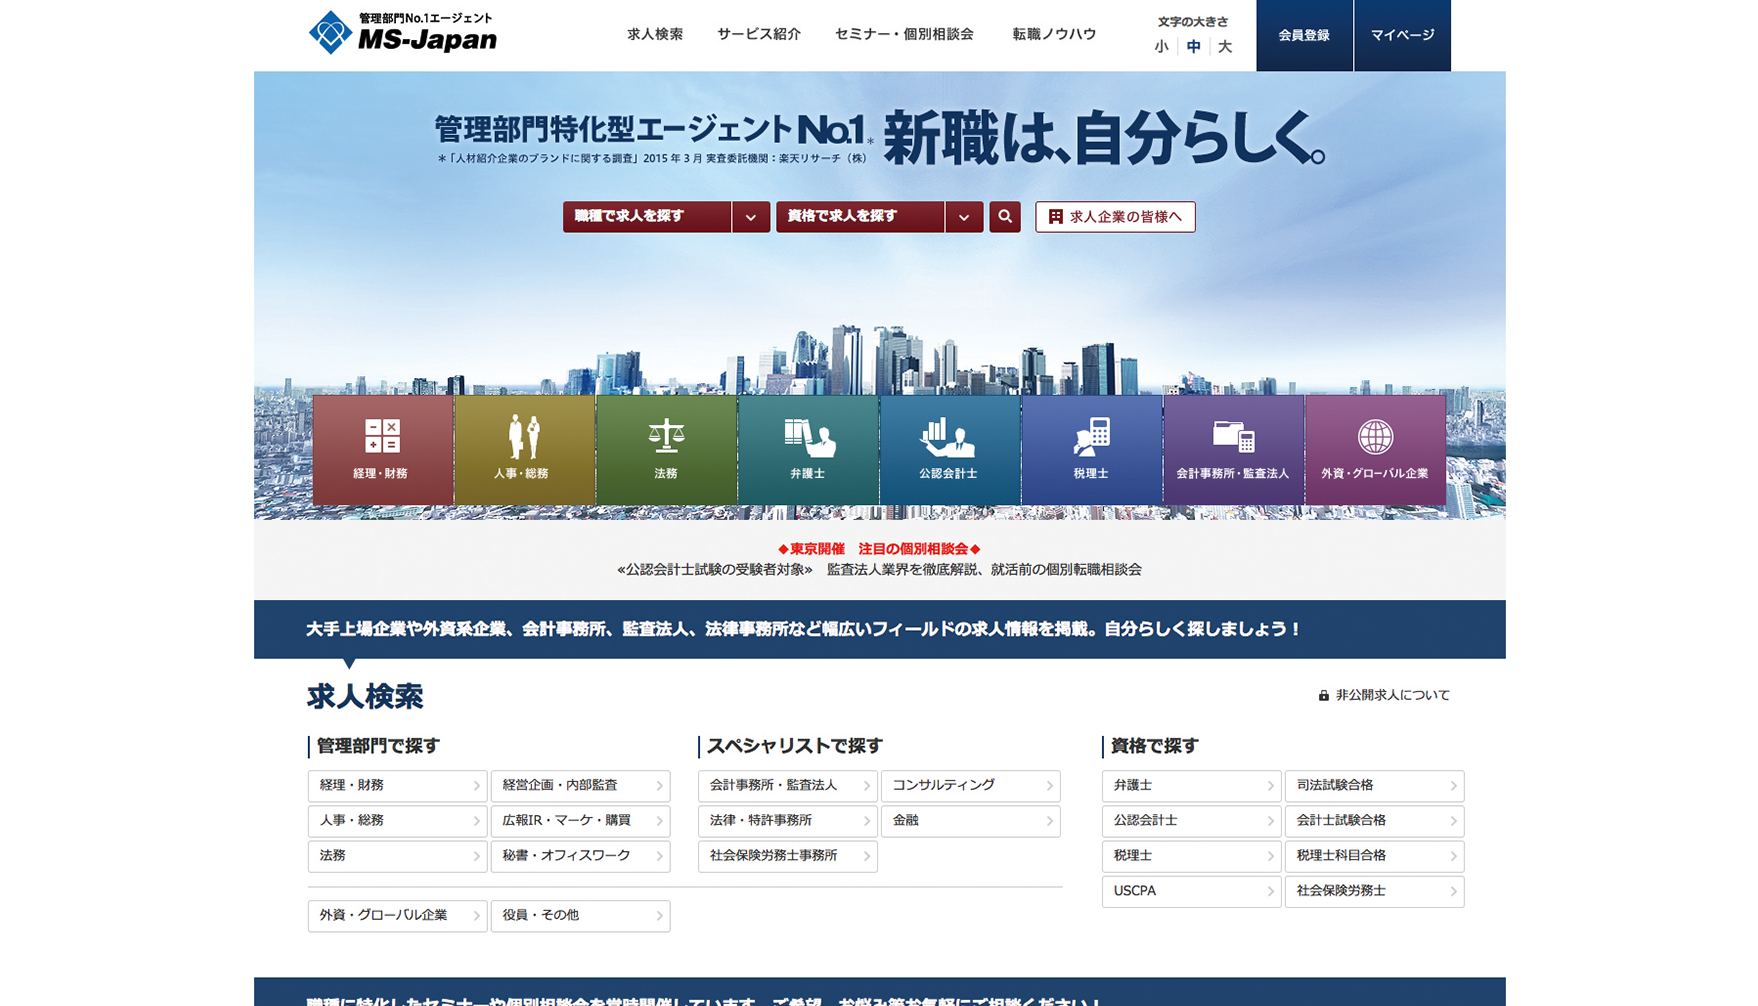 株式会社MS-Japan 製品・サービスサイト プレビュー